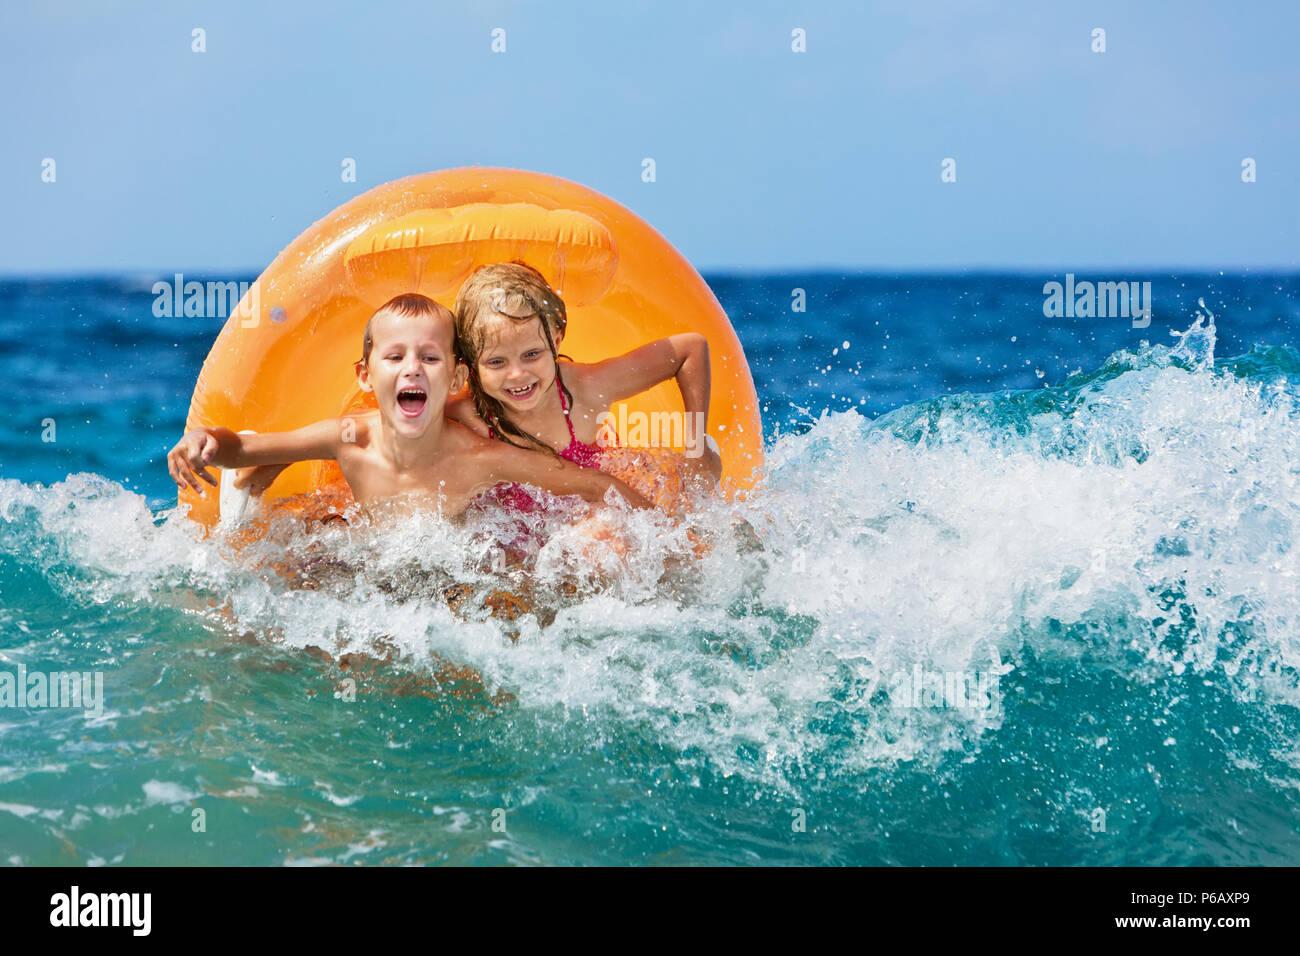 Happy kids ont in surf mer sur plage. Couple d'enfants joyeux sur anneau gonflable ride sur l'onde. Style de voyage, la baignade sur les jours fériés Photo Stock